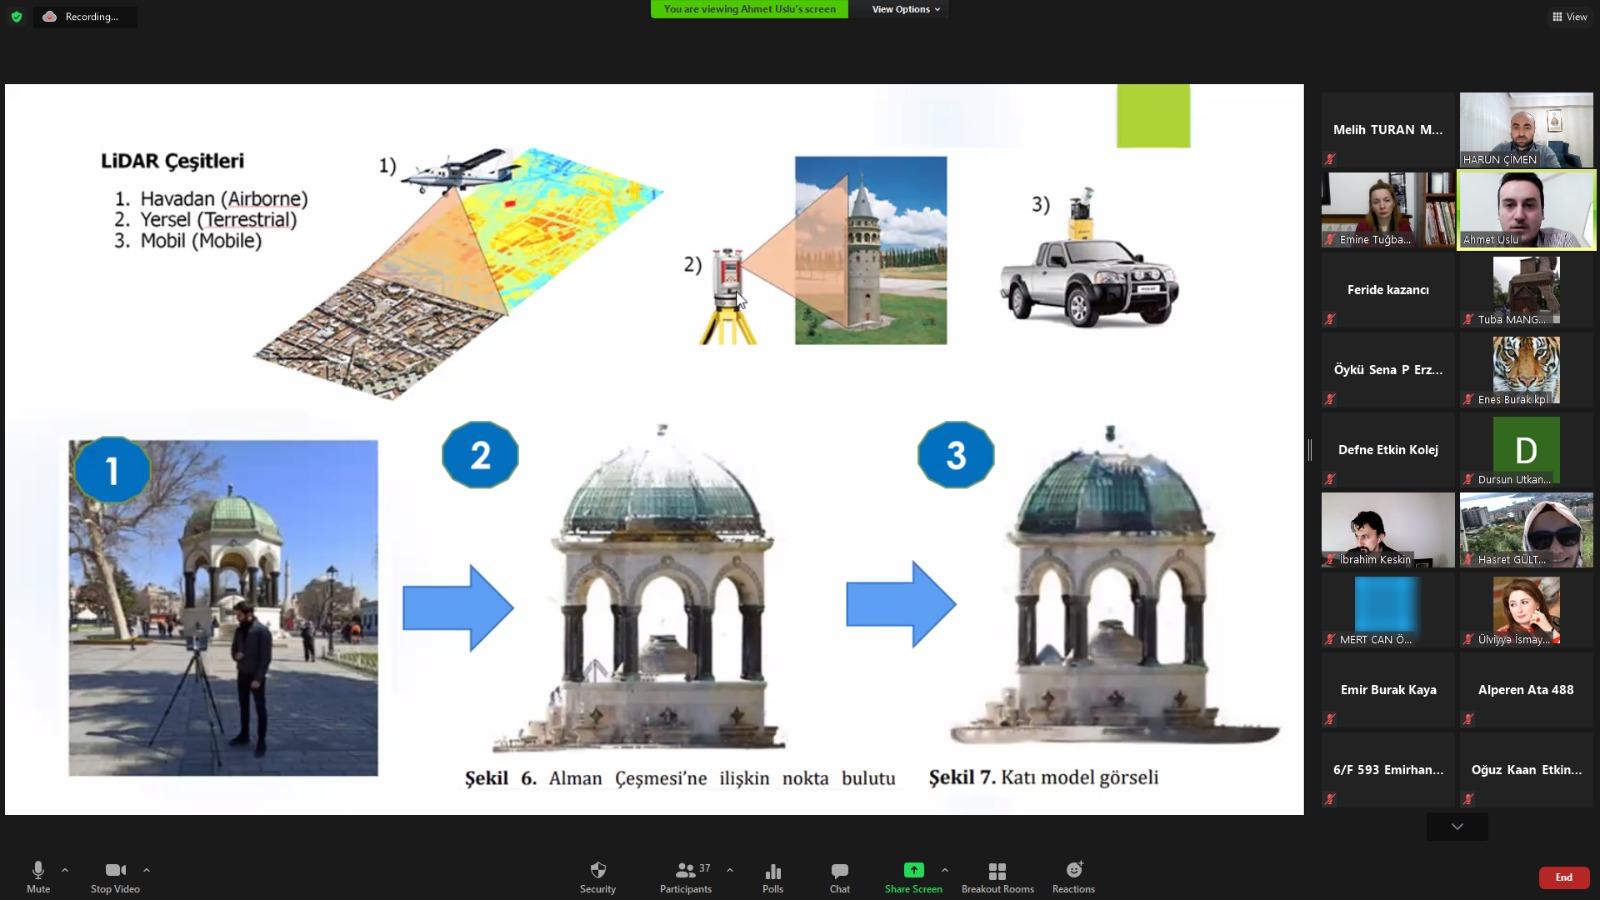 Etkin Kolej | Kültürel Mirasın 3D Modellemesi Üzerine Söyleşi